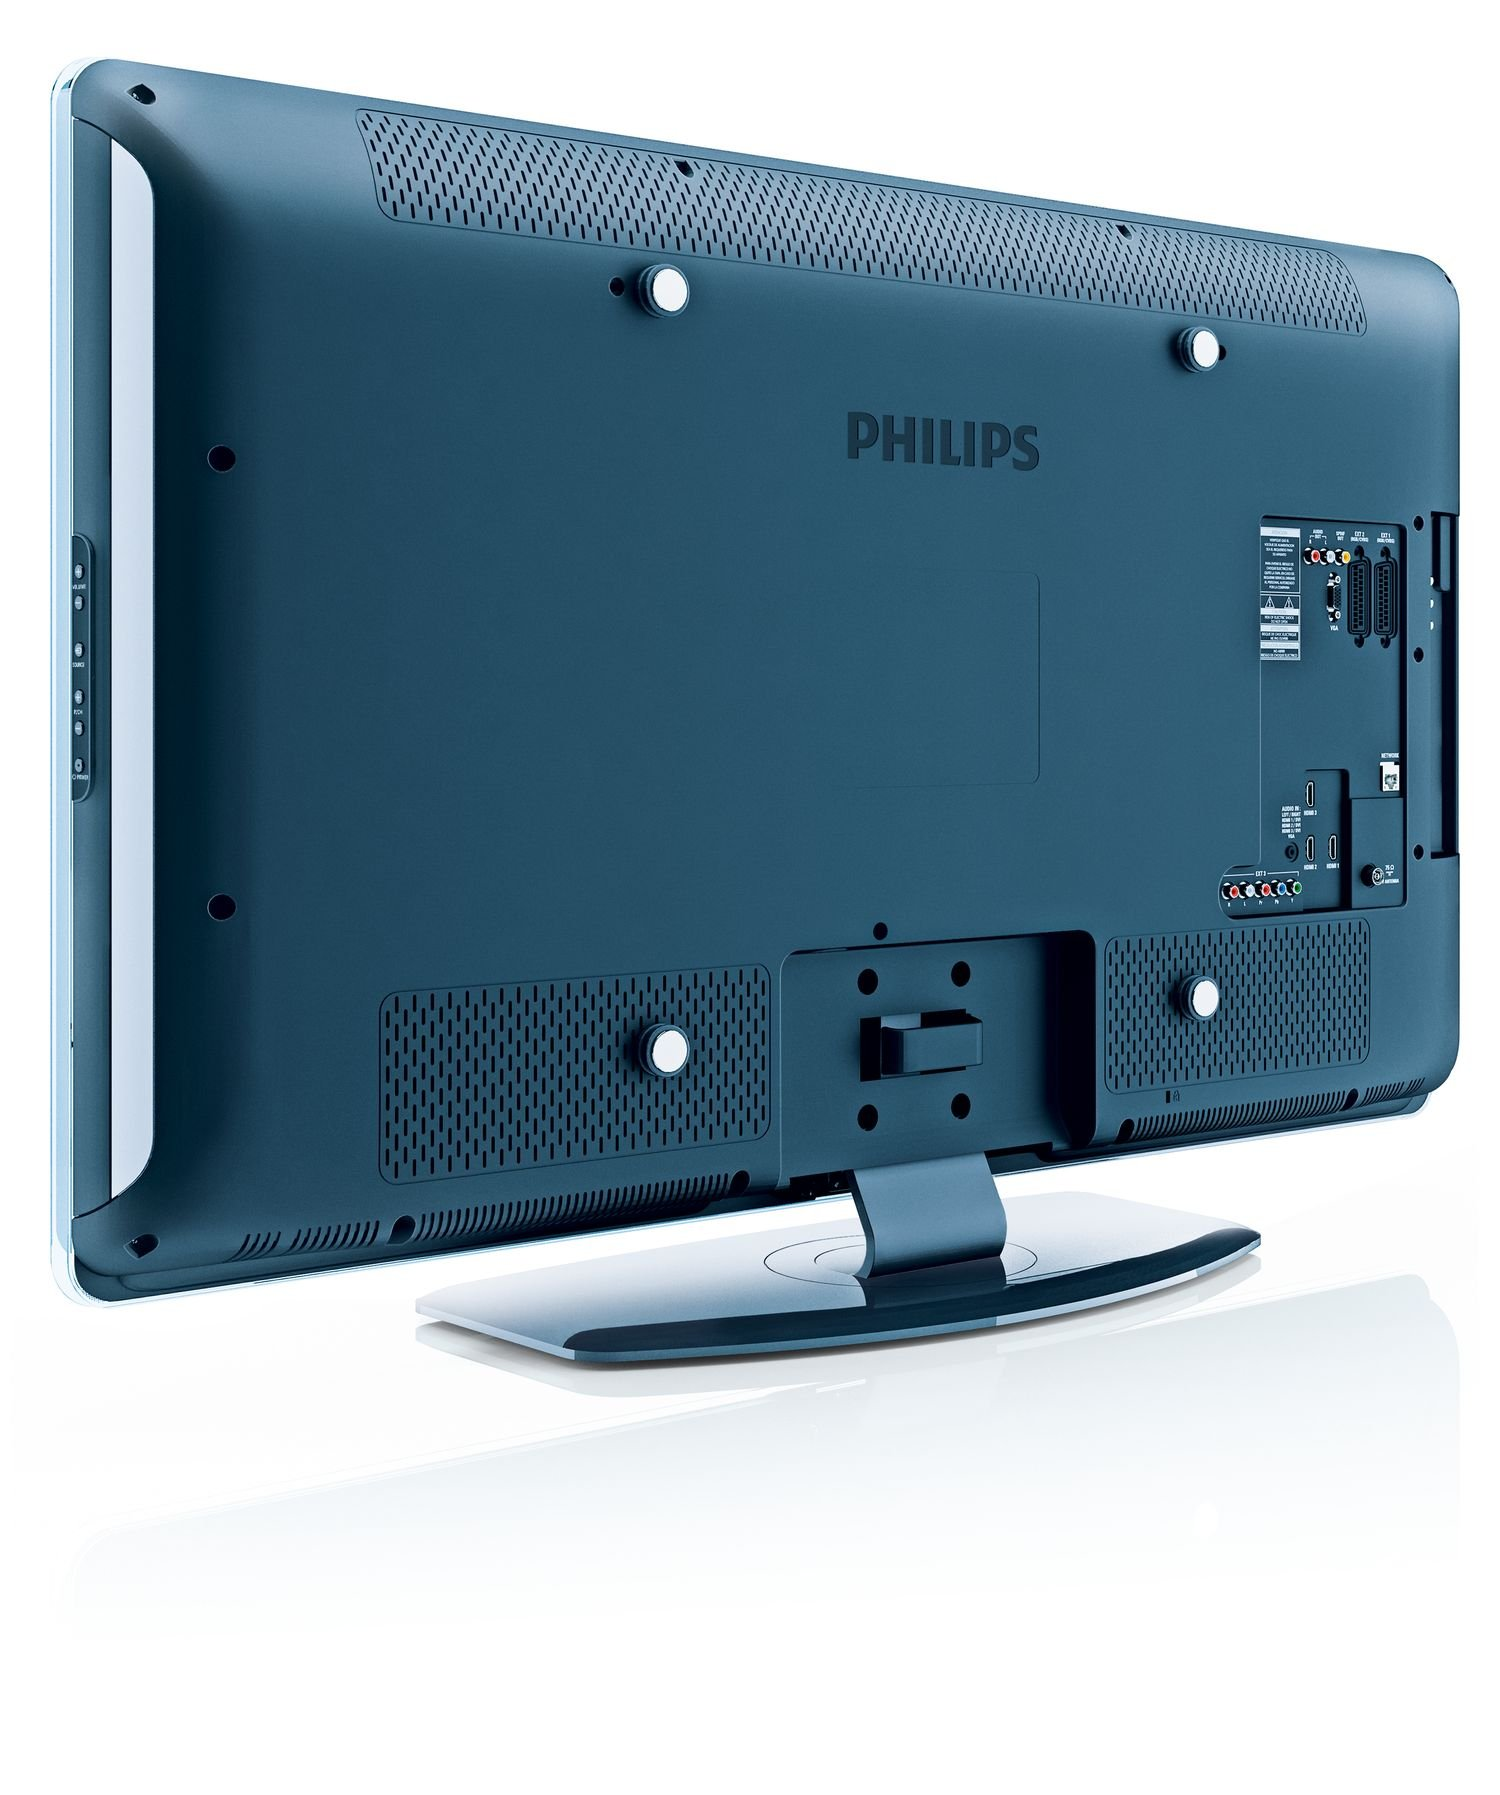 Philips 37PFL8404H - TV: Amazon.es: Electrónica